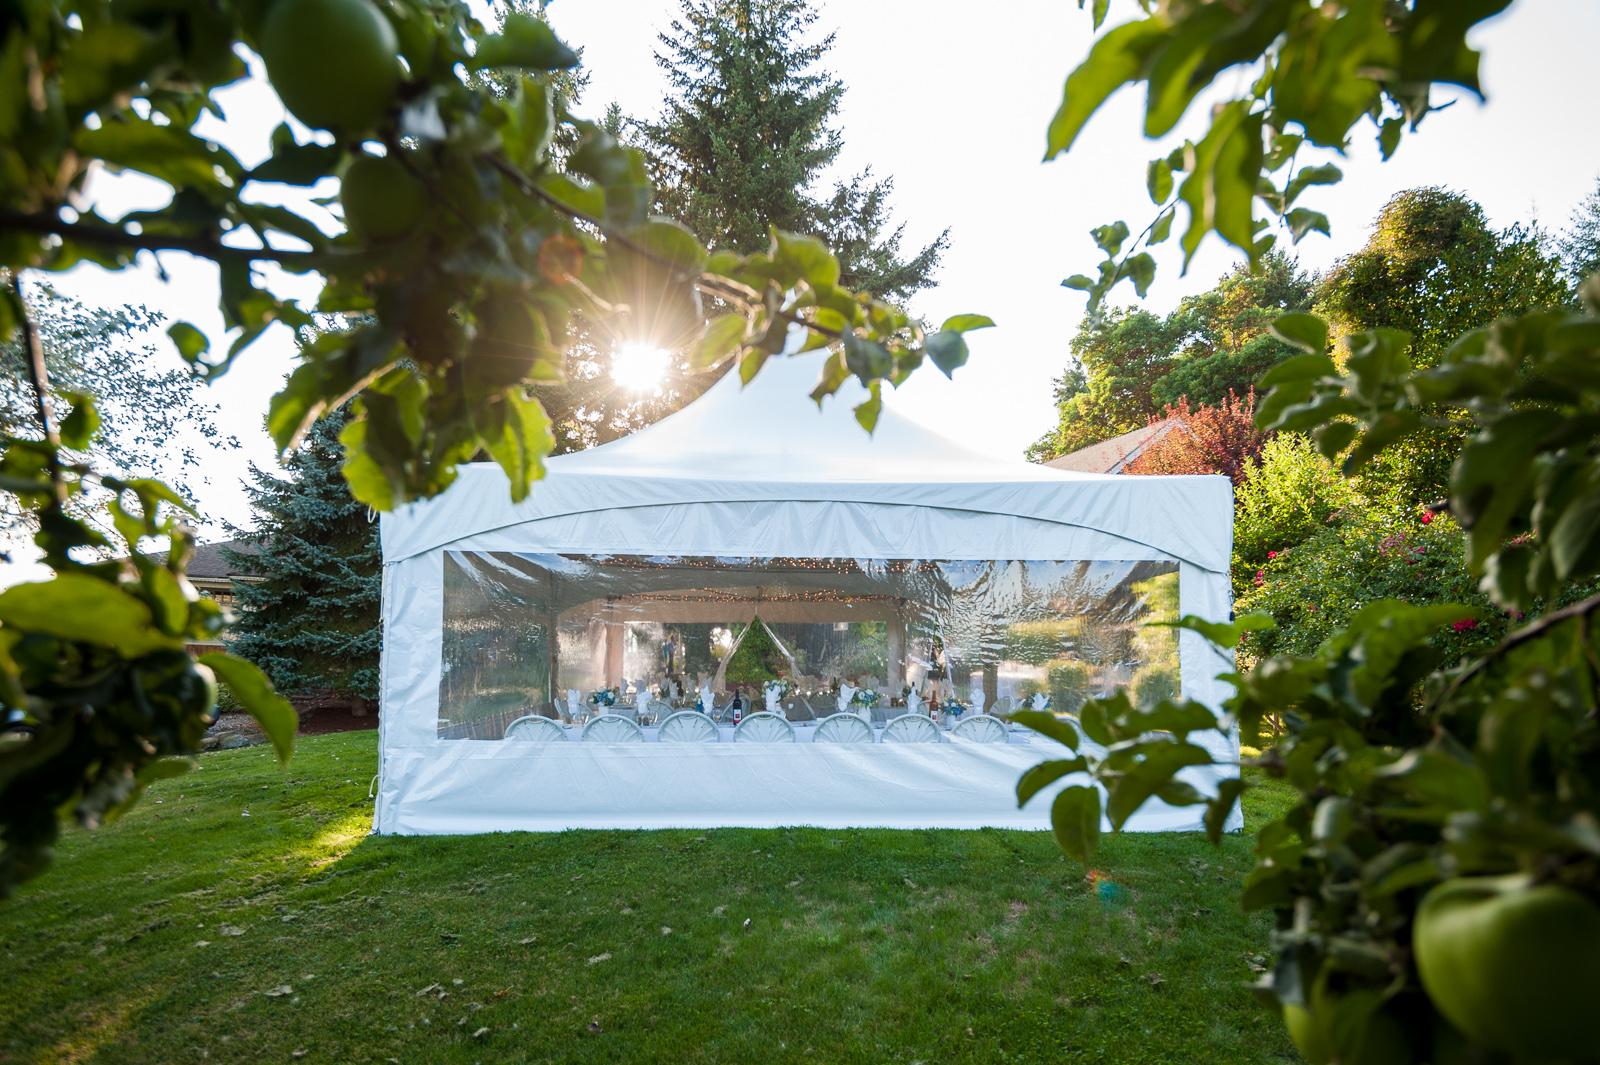 vancouver-island-wedding-photographers-saltspring-island-wedding-67.jpg